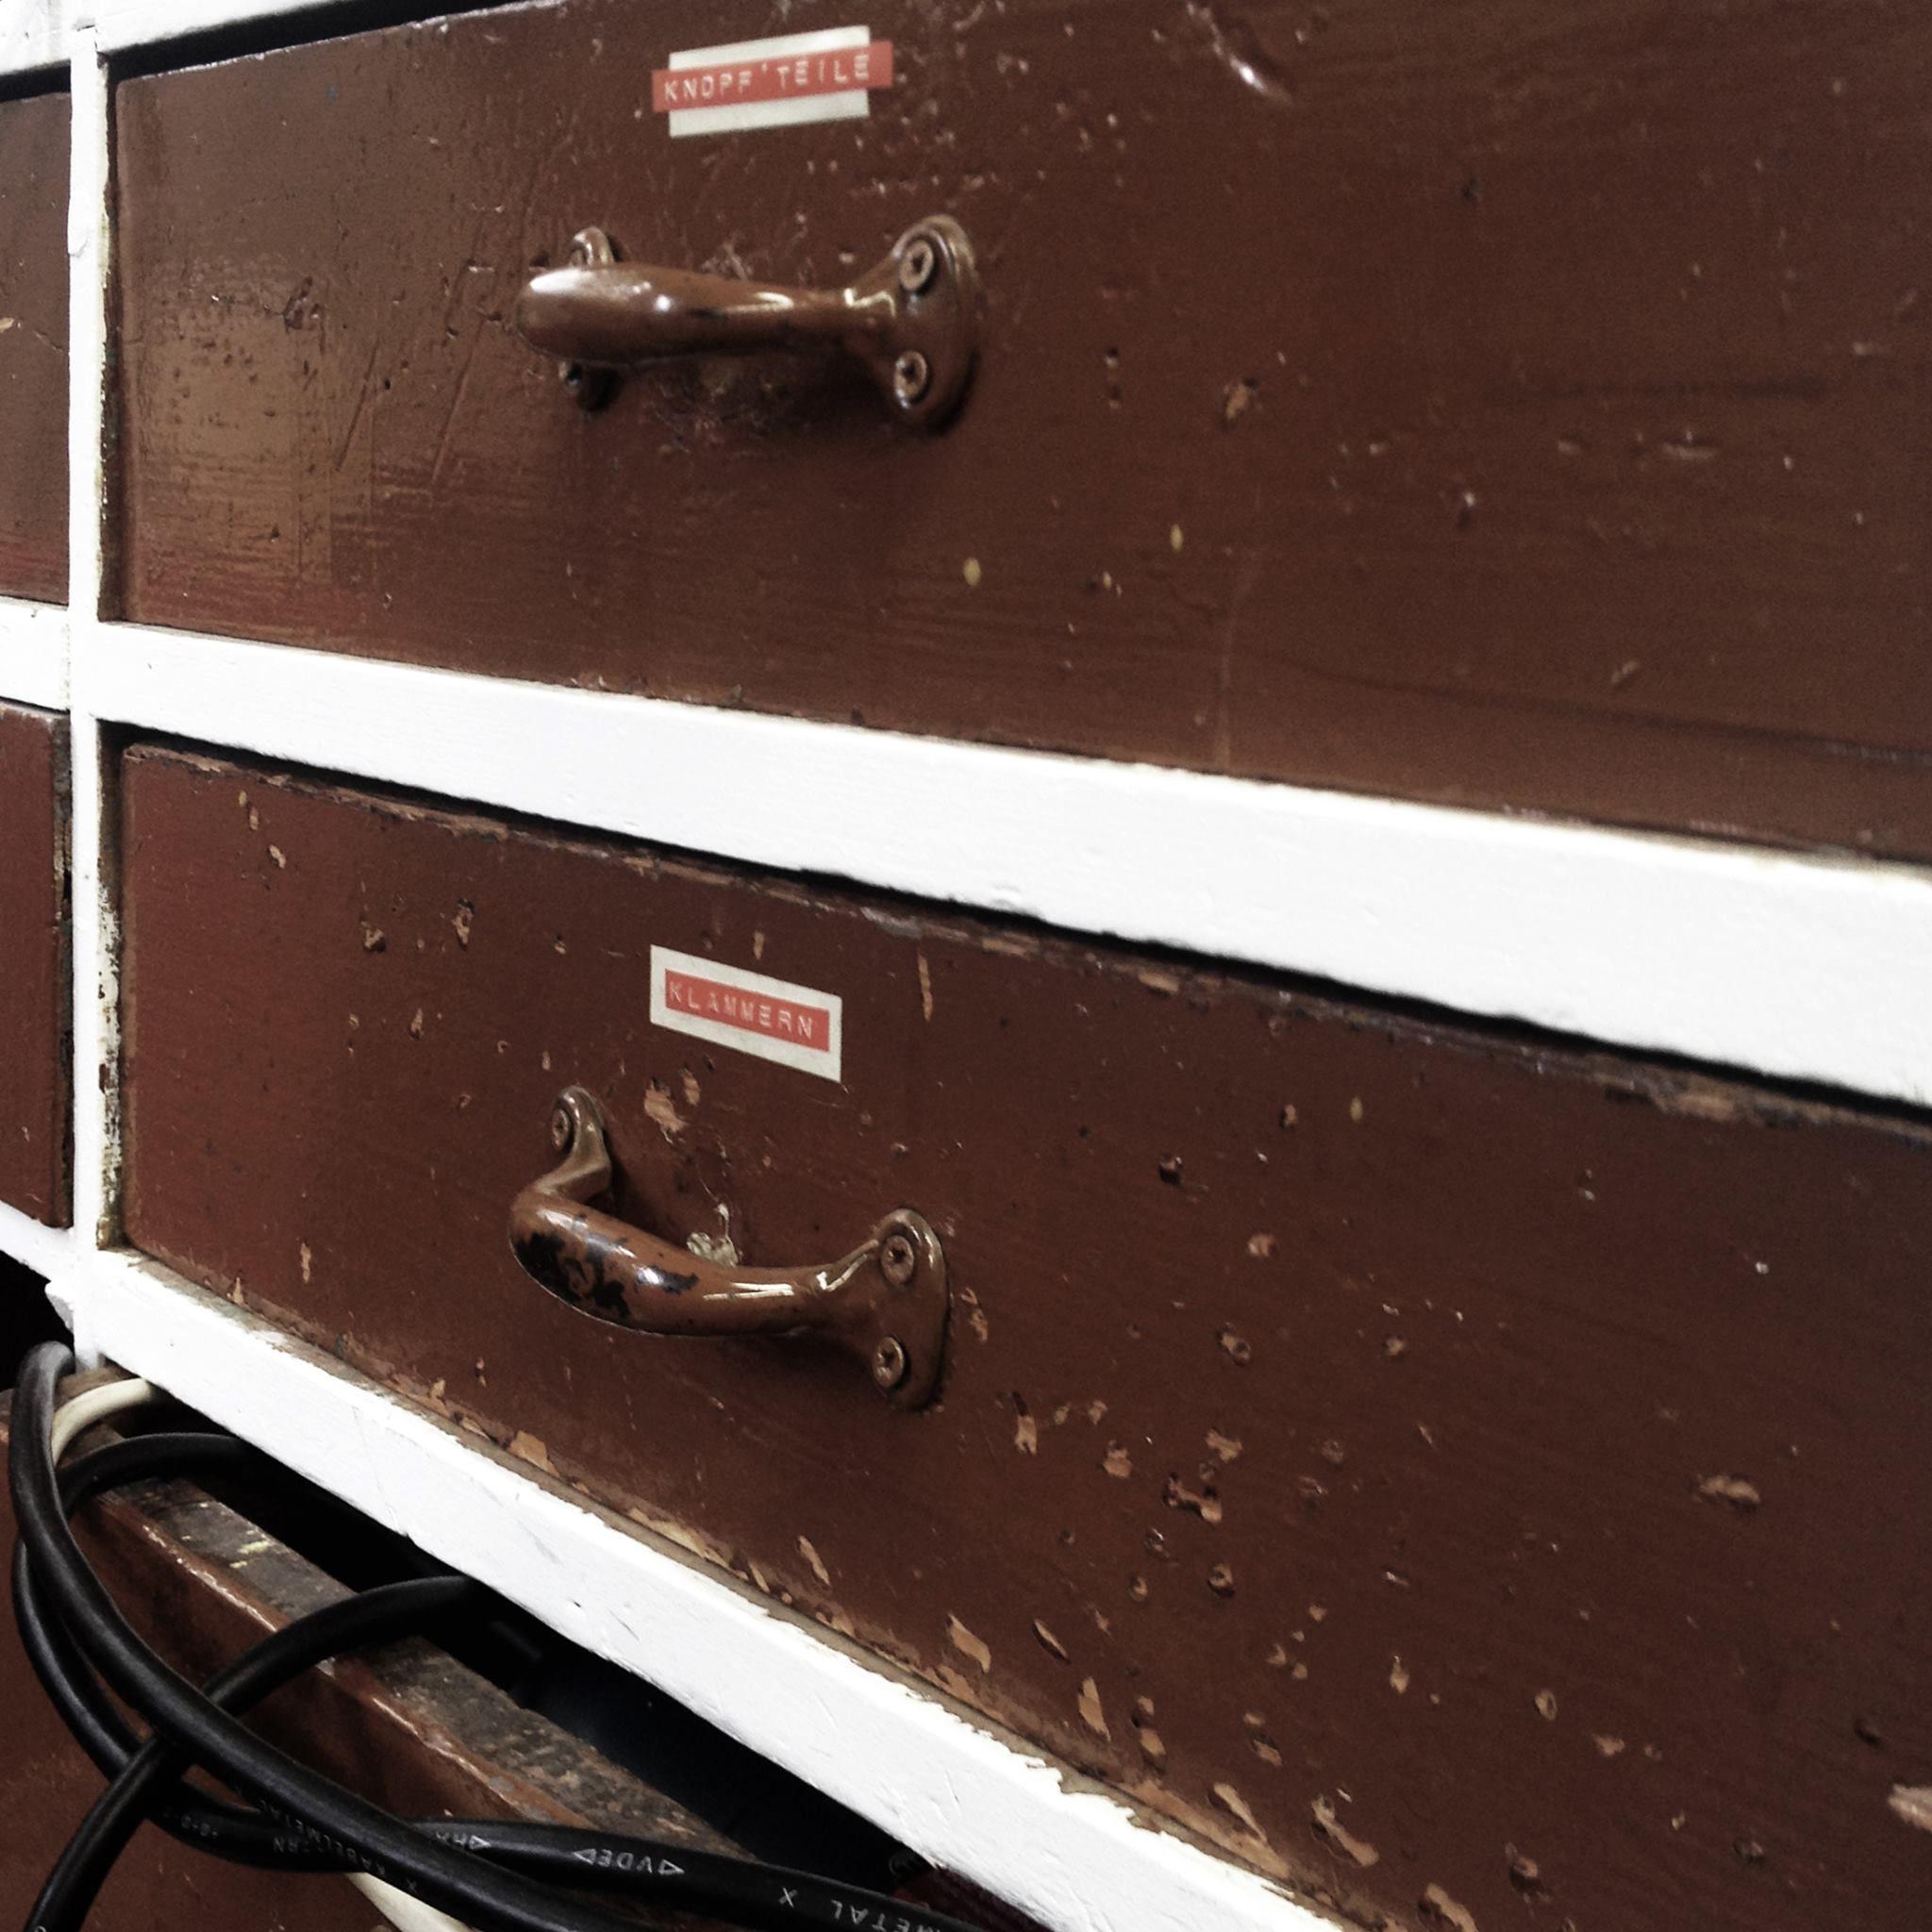 upholstery // design // interior // interior design // old // new // raumausstattung // werkstatt // wood // vintage www.raum-steffens.de